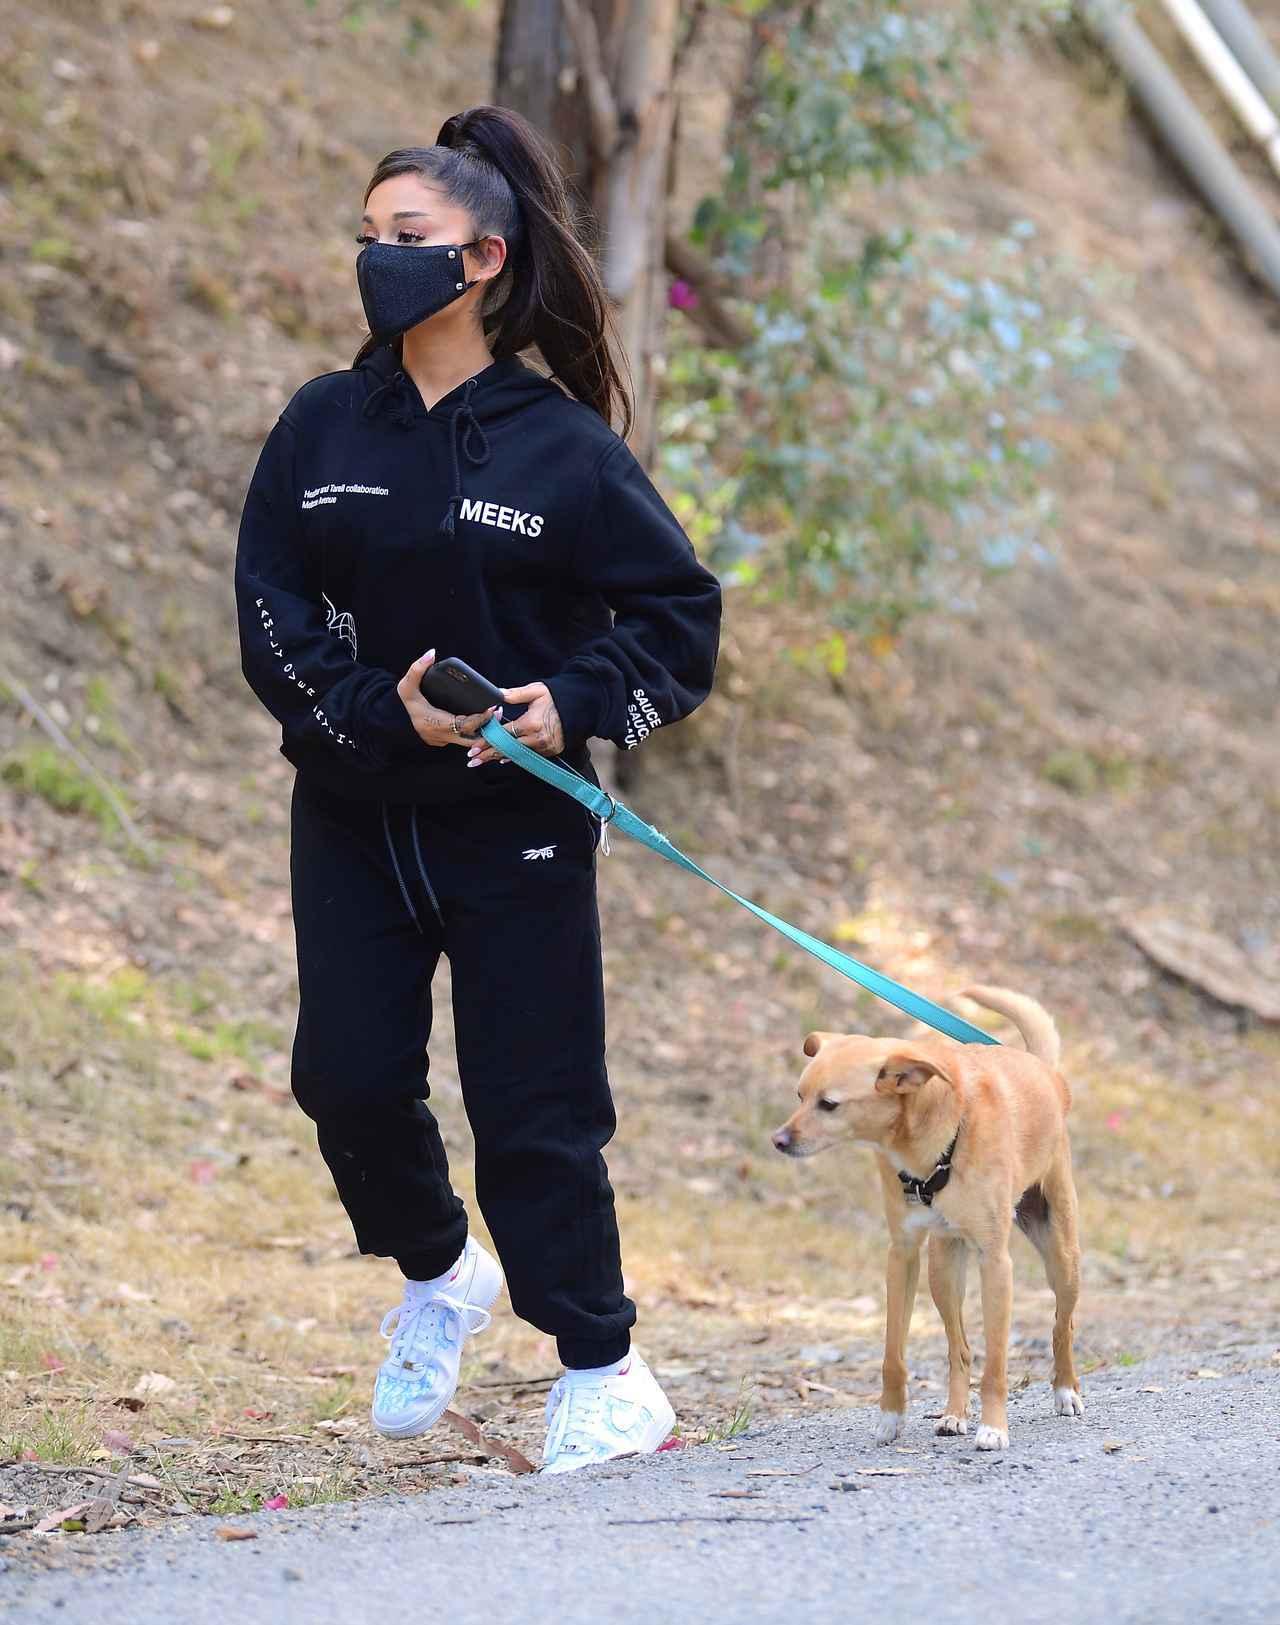 画像1: アリアナ・グランデが愛犬を連れてハイキング